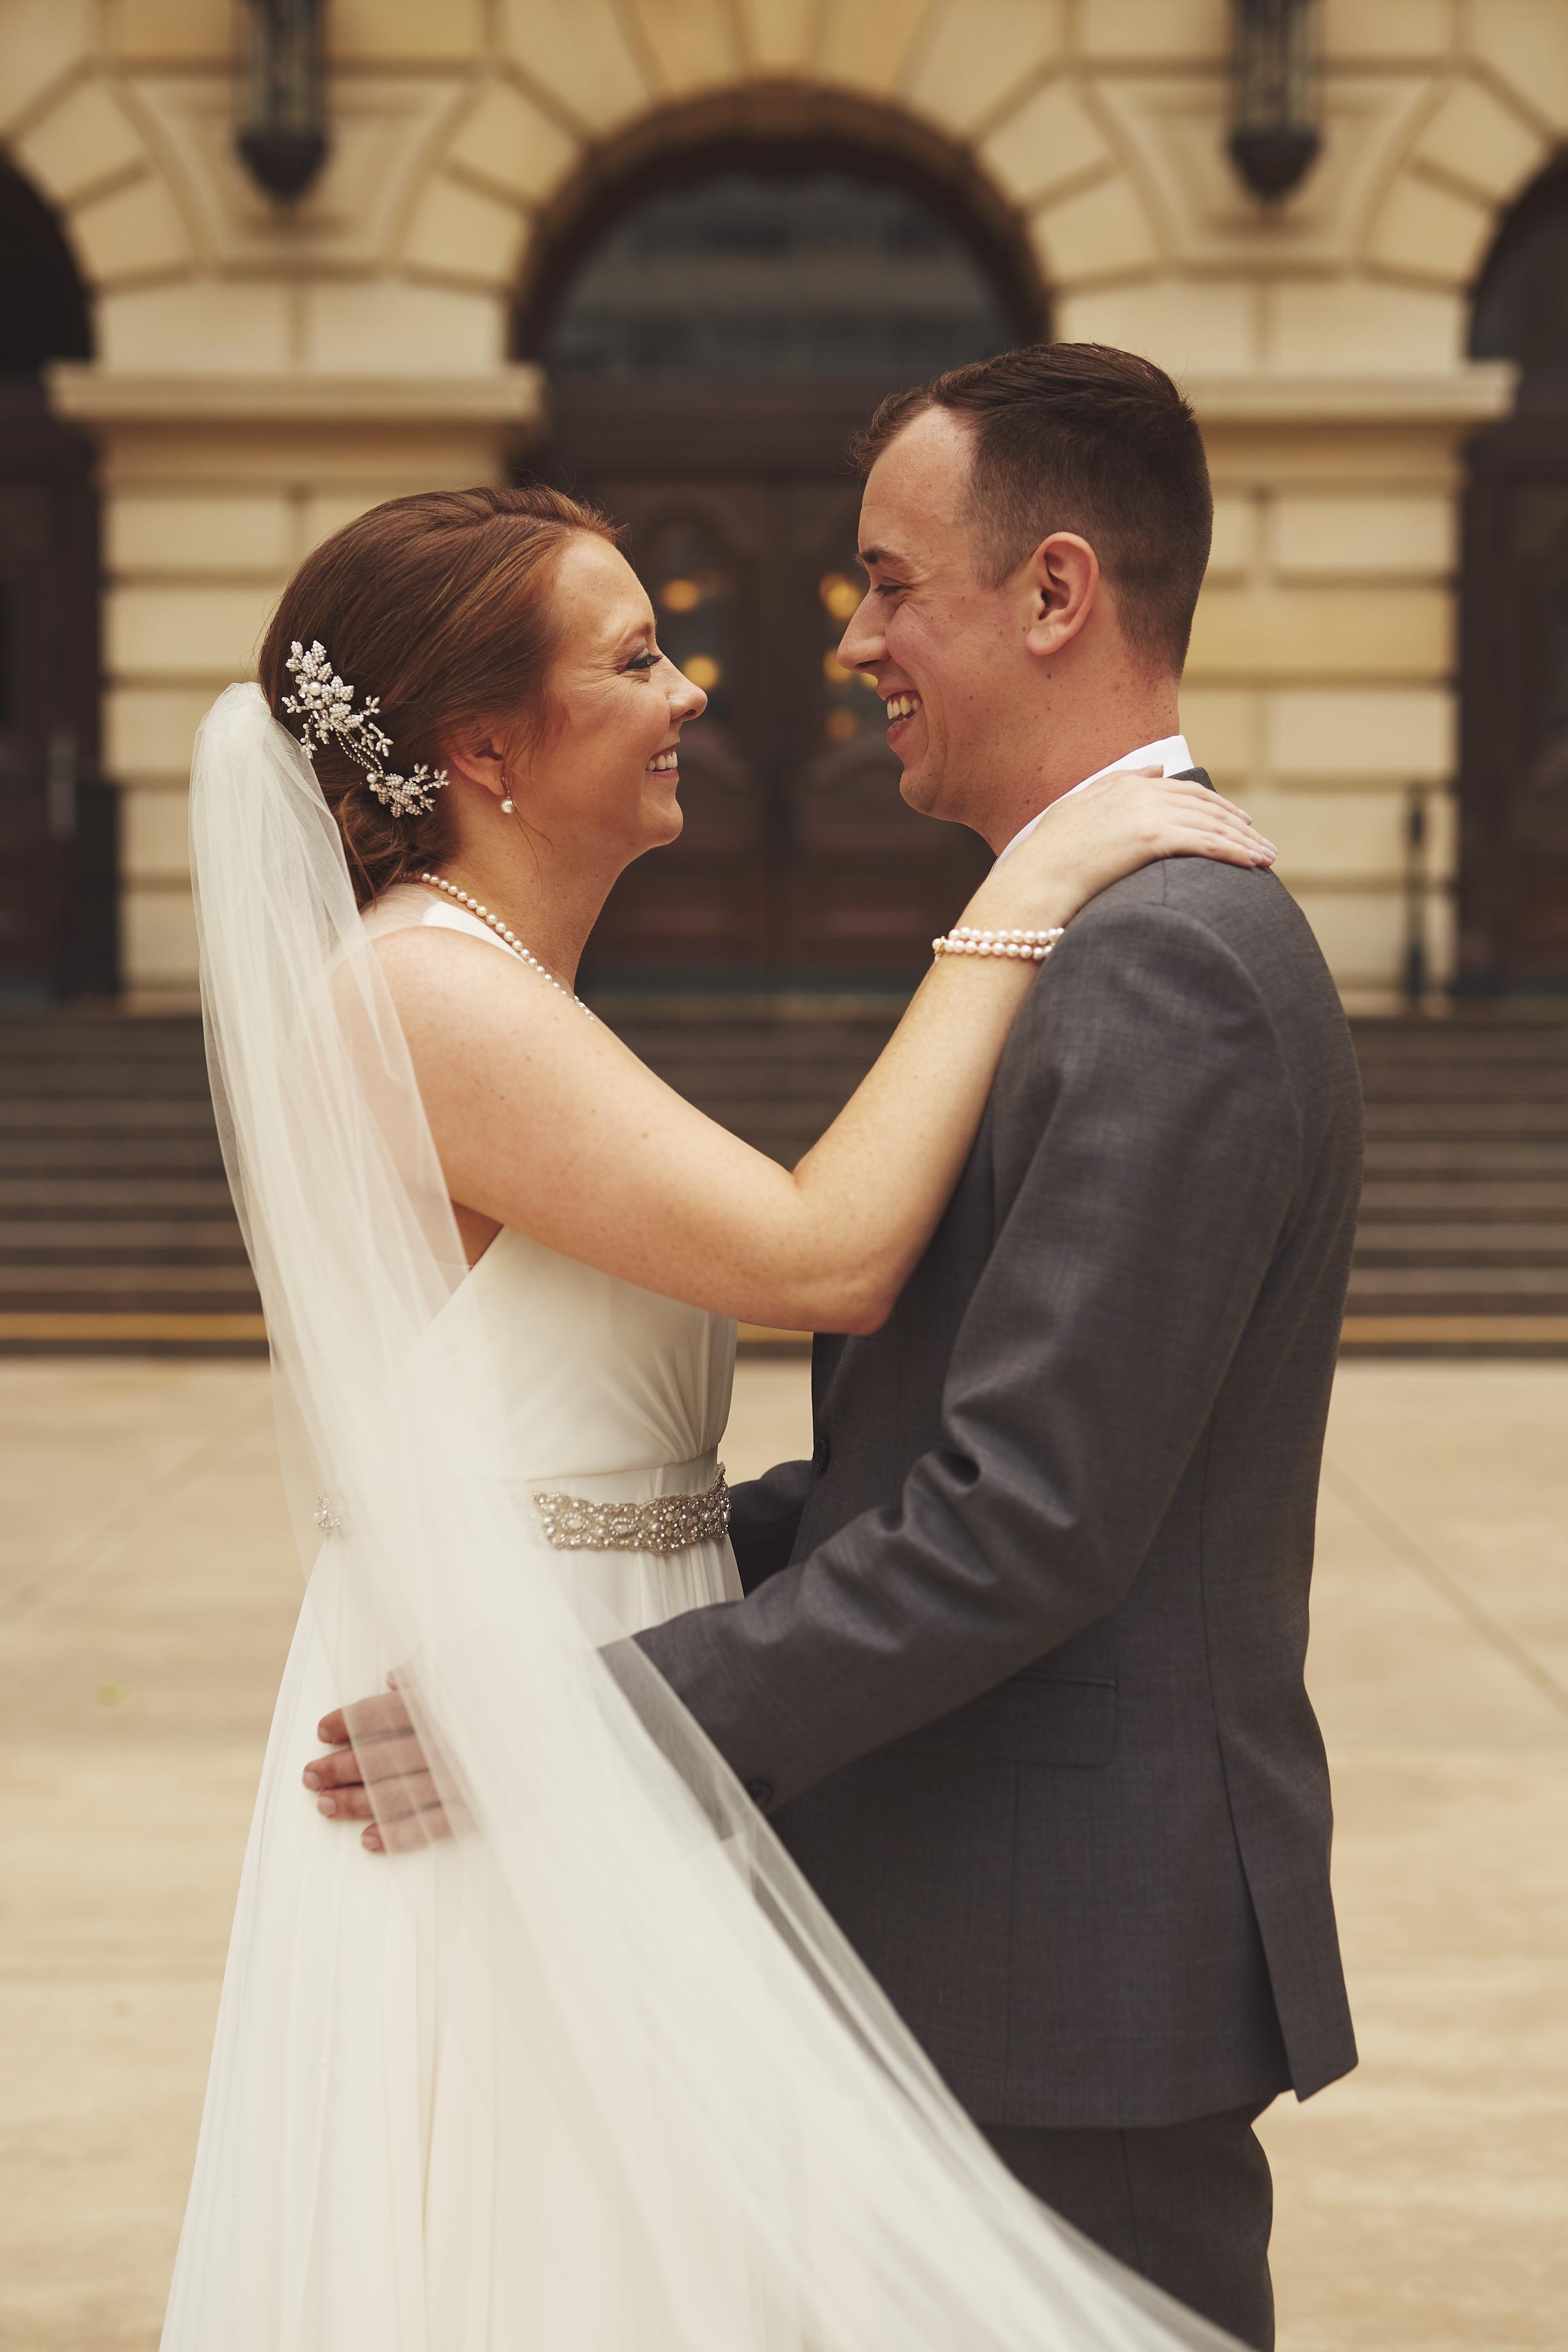 Kathleen & Troy - Ben Romang Photo - 6I5A7788.jpg